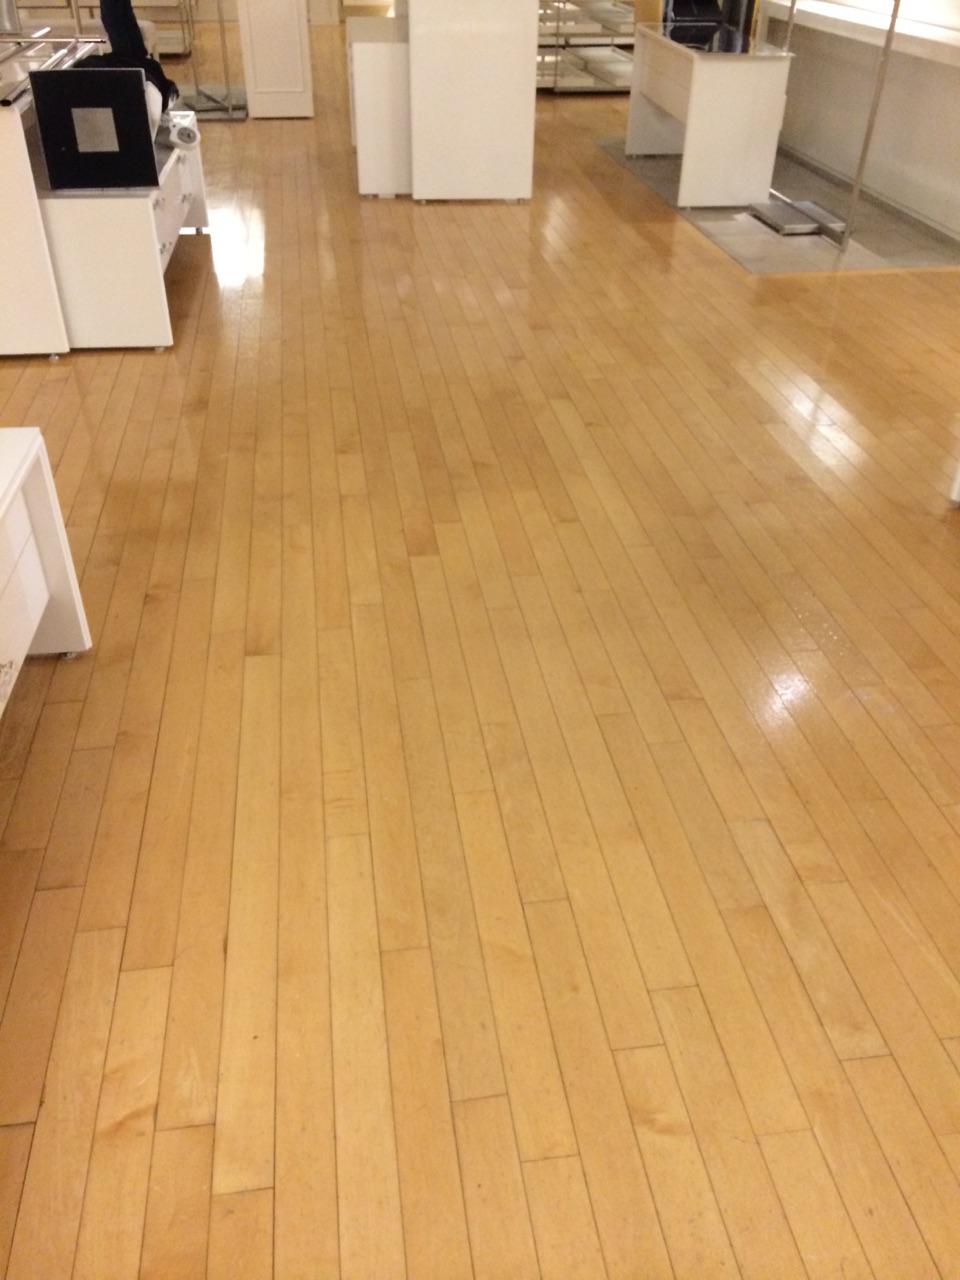 D M Carpet Cleaning - Newborn, GA